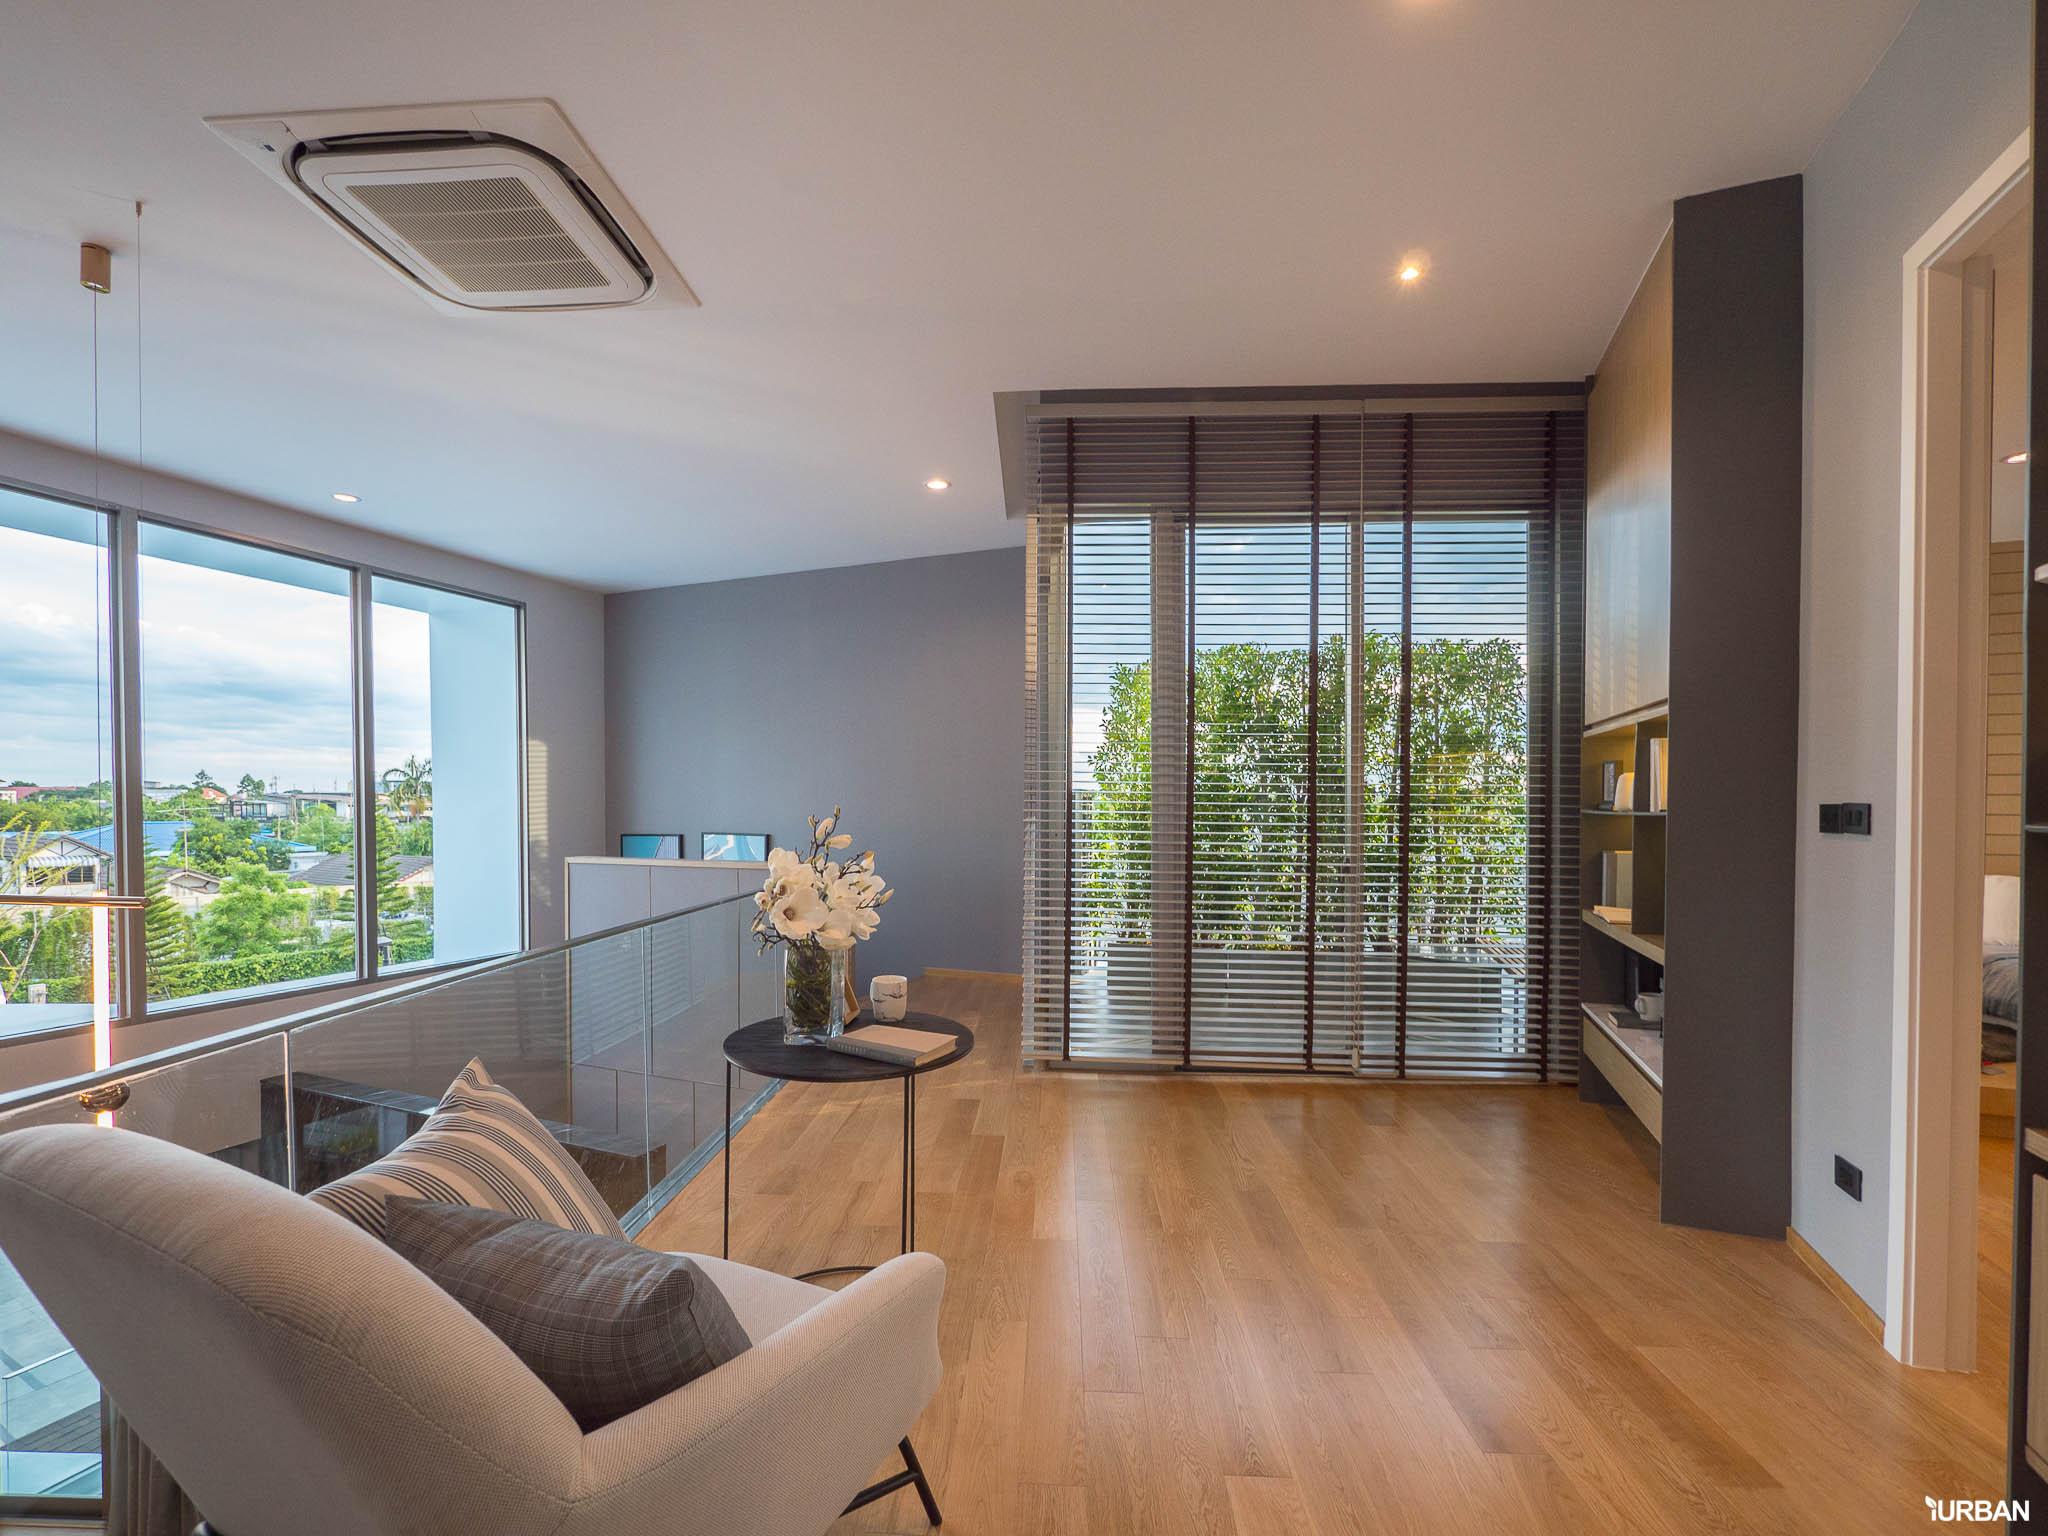 รีวิว Nirvana BEYOND Udonthani บ้านเดี่ยว 3 ชั้น ดีไซน์บิดสุดโมเดิร์น บนที่ดินสุดท้ายหน้าหนองประจักษ์ 76 - Luxury